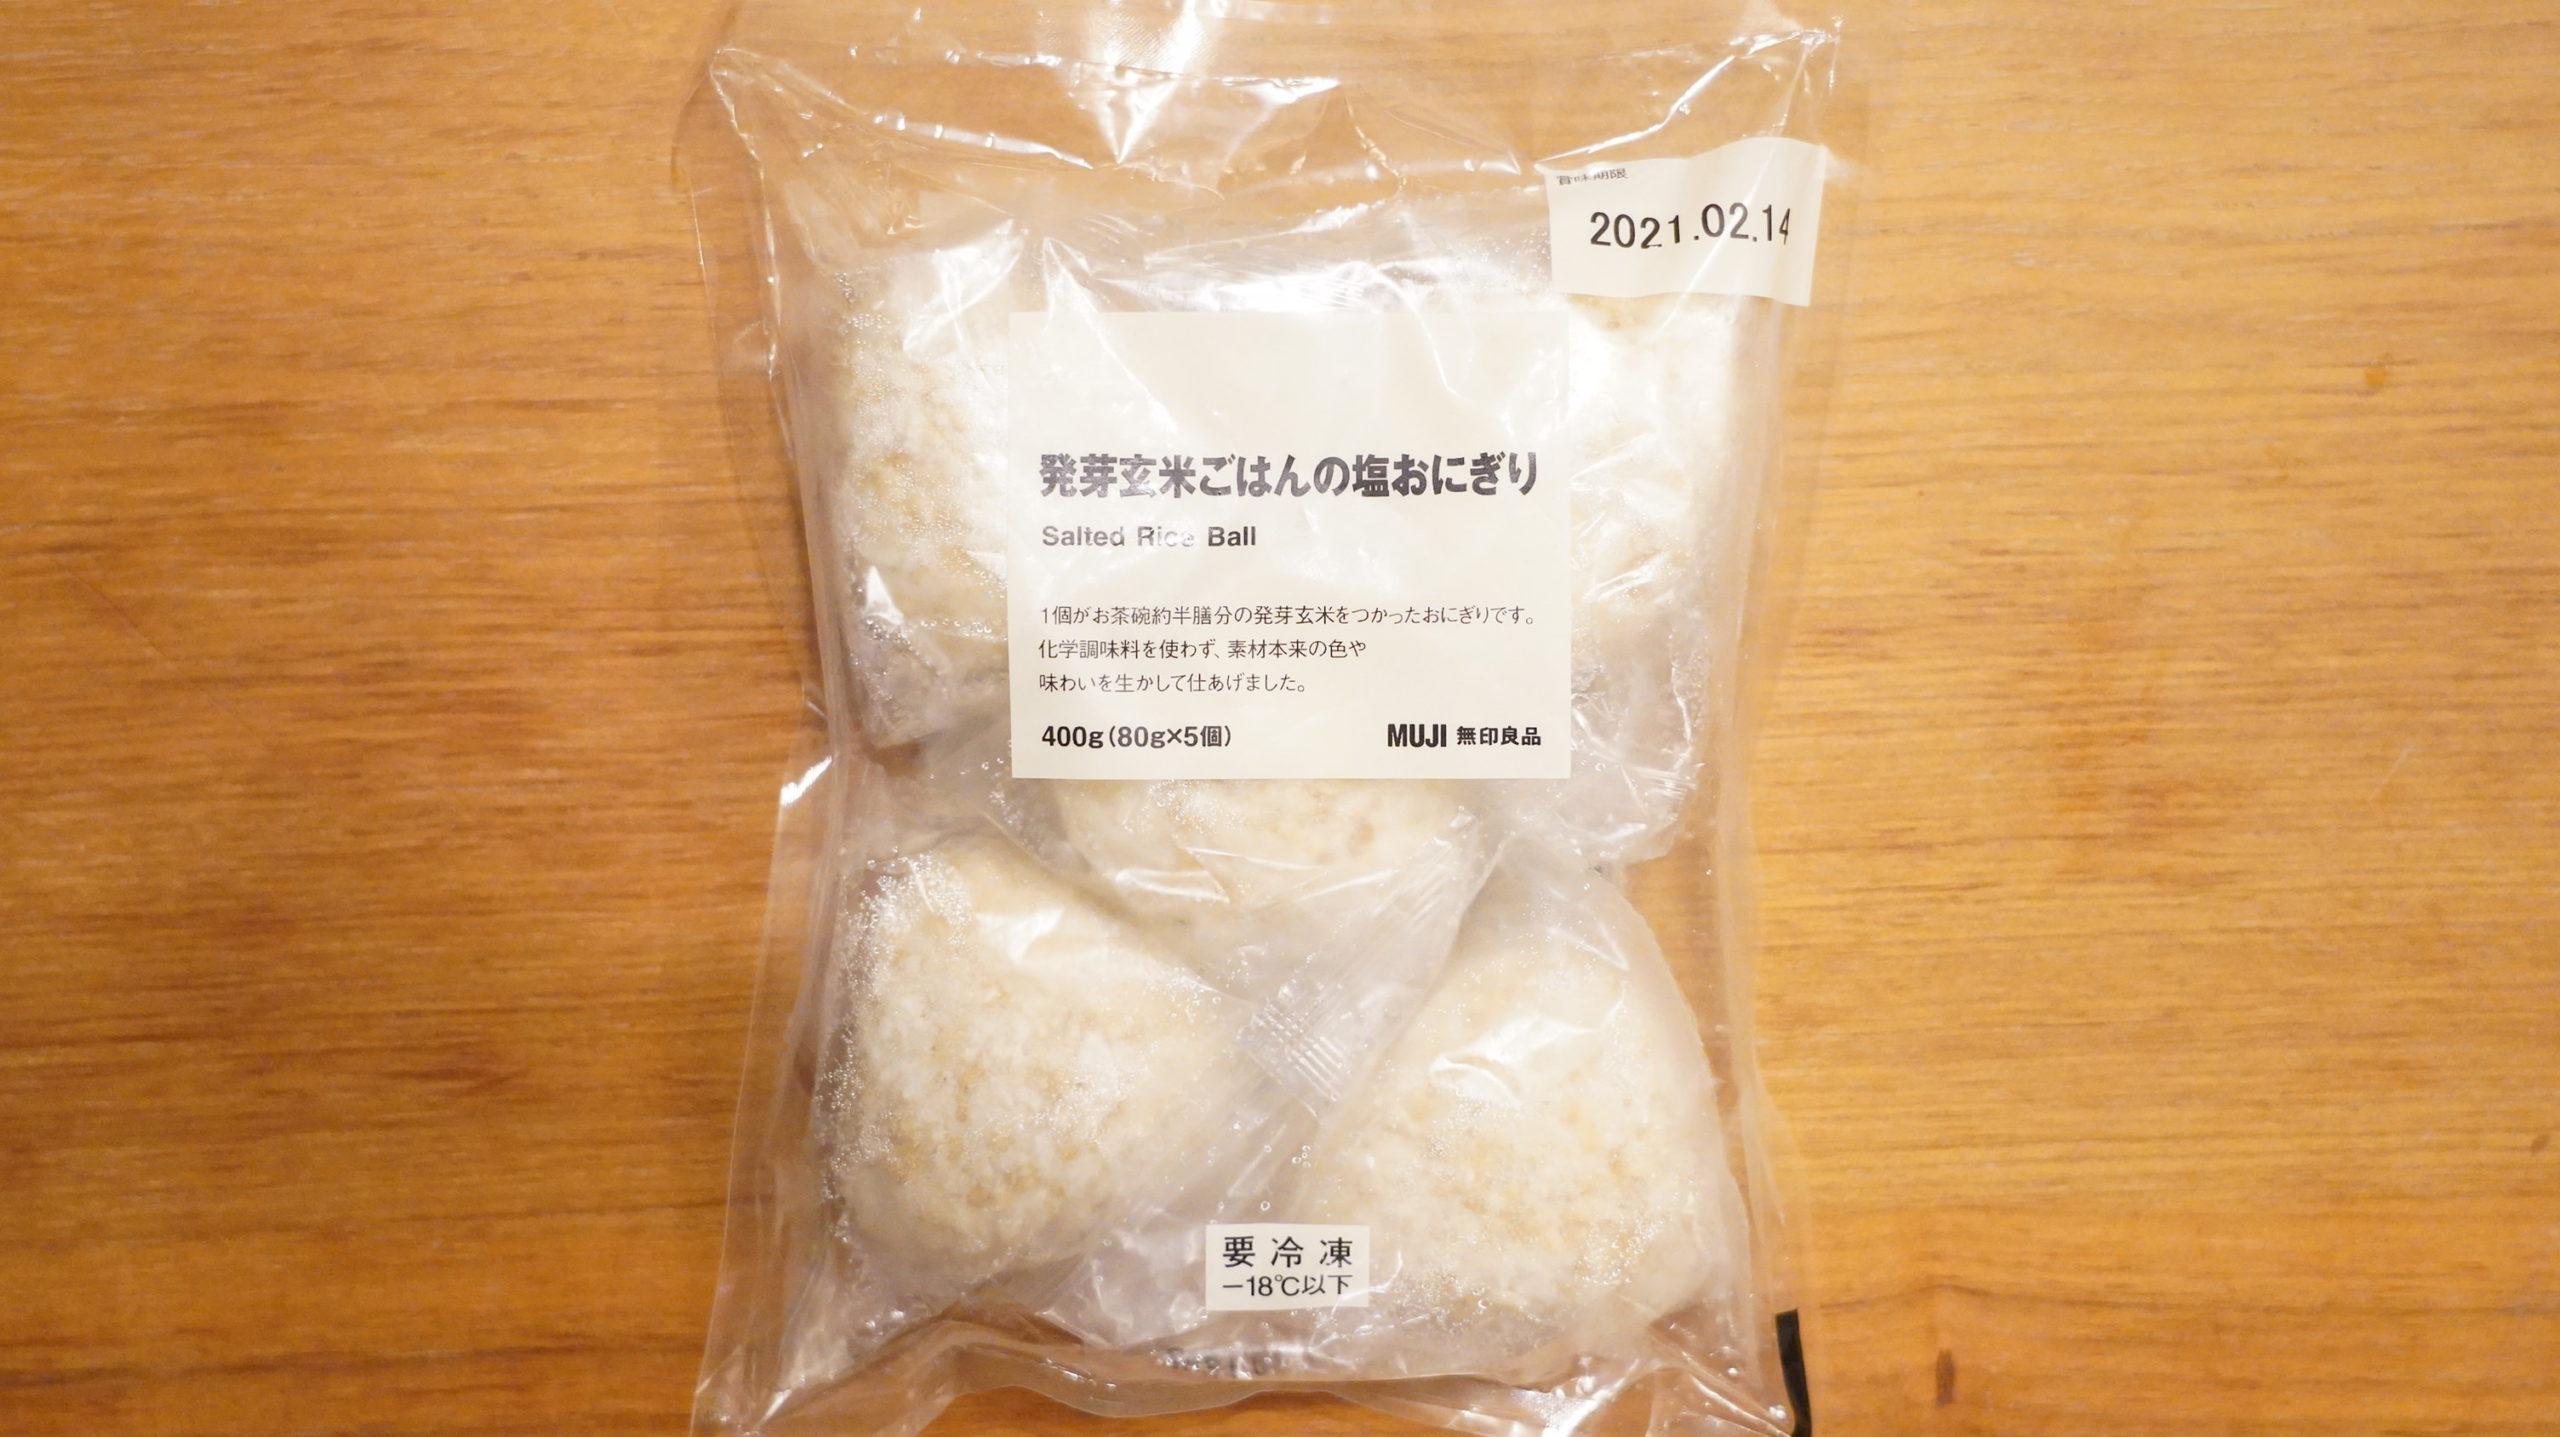 無印良品のおすすめ冷凍食品「発芽玄米ご飯の塩おにぎり」のパッケージの写真